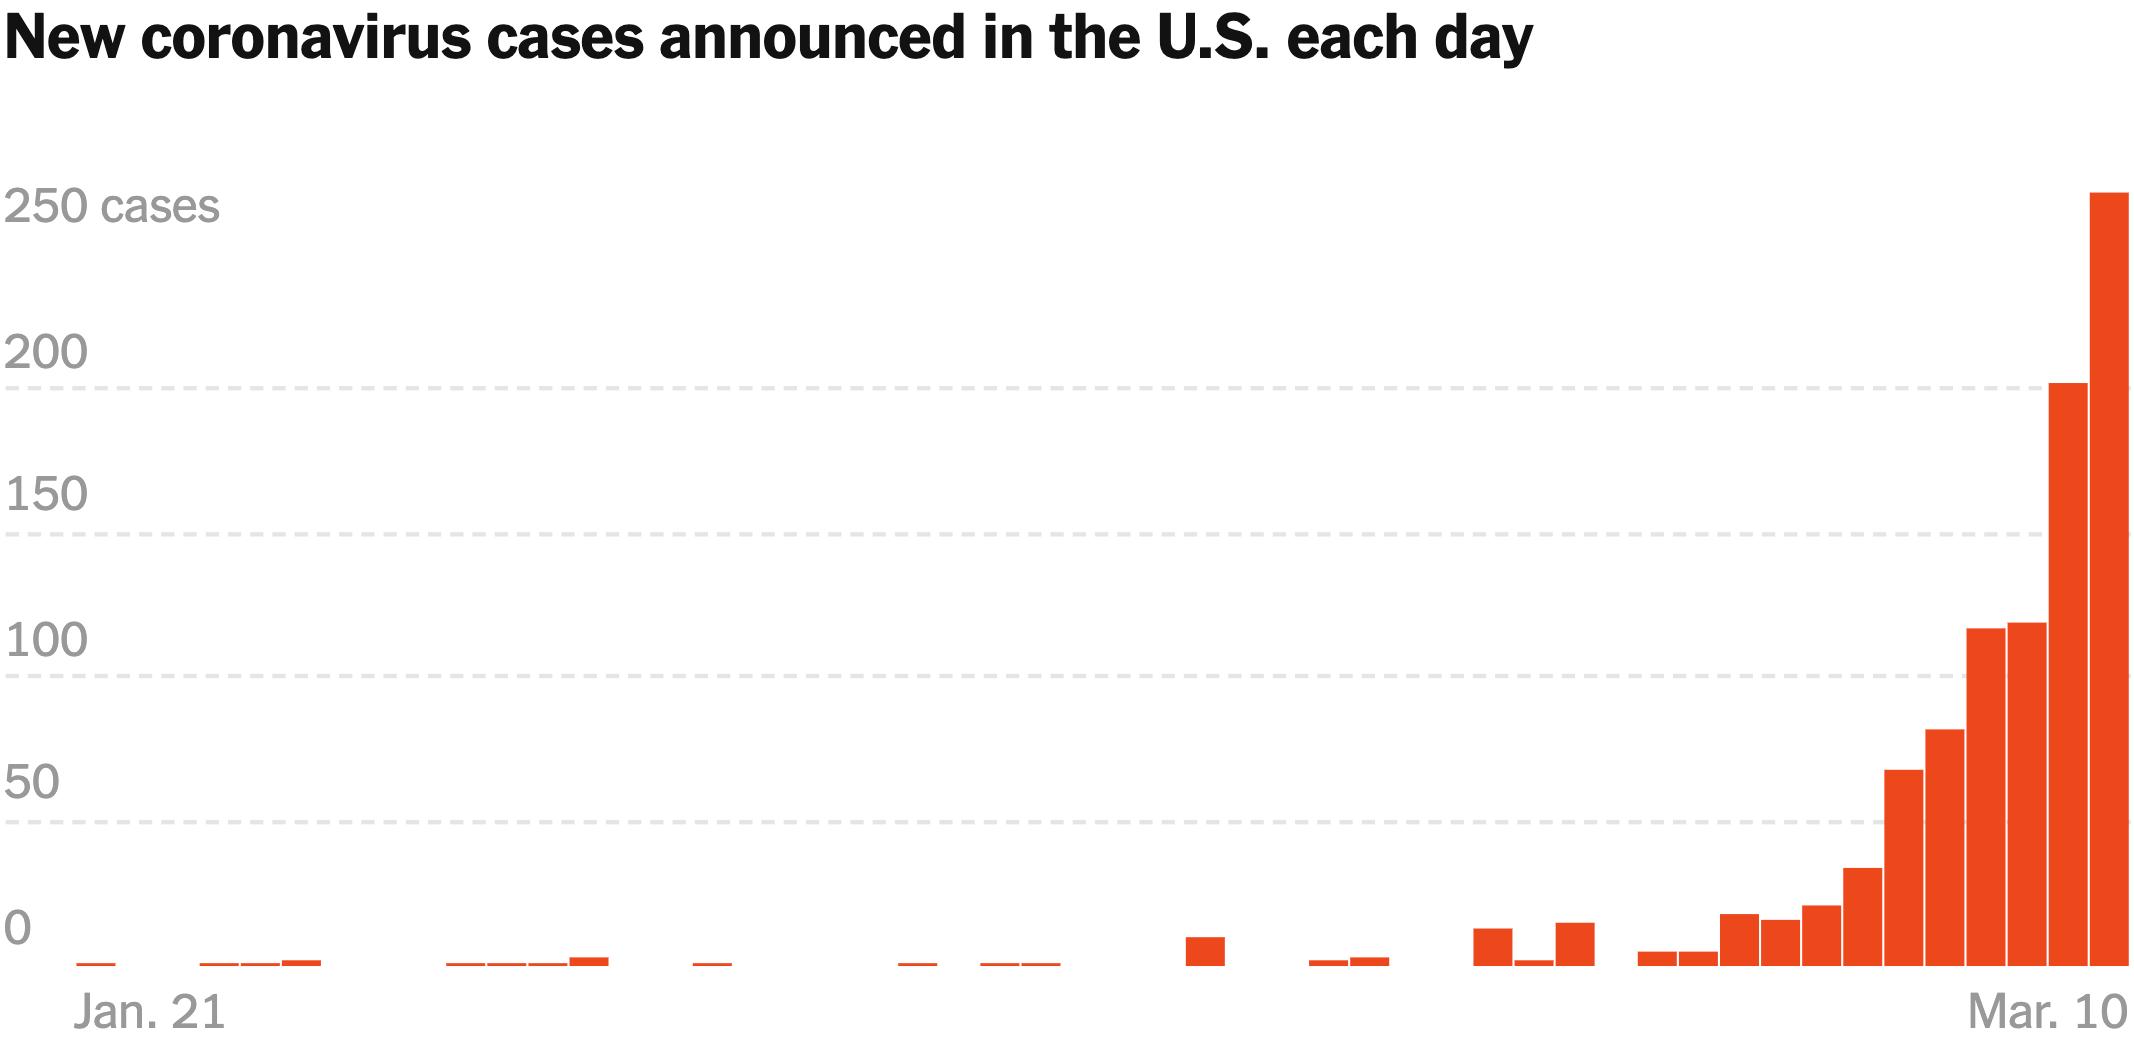 Количество ежедневно выявляемых случаев заболевания коронавирусом в США по состоянию на 10 марта. Источник: TheNew York Times